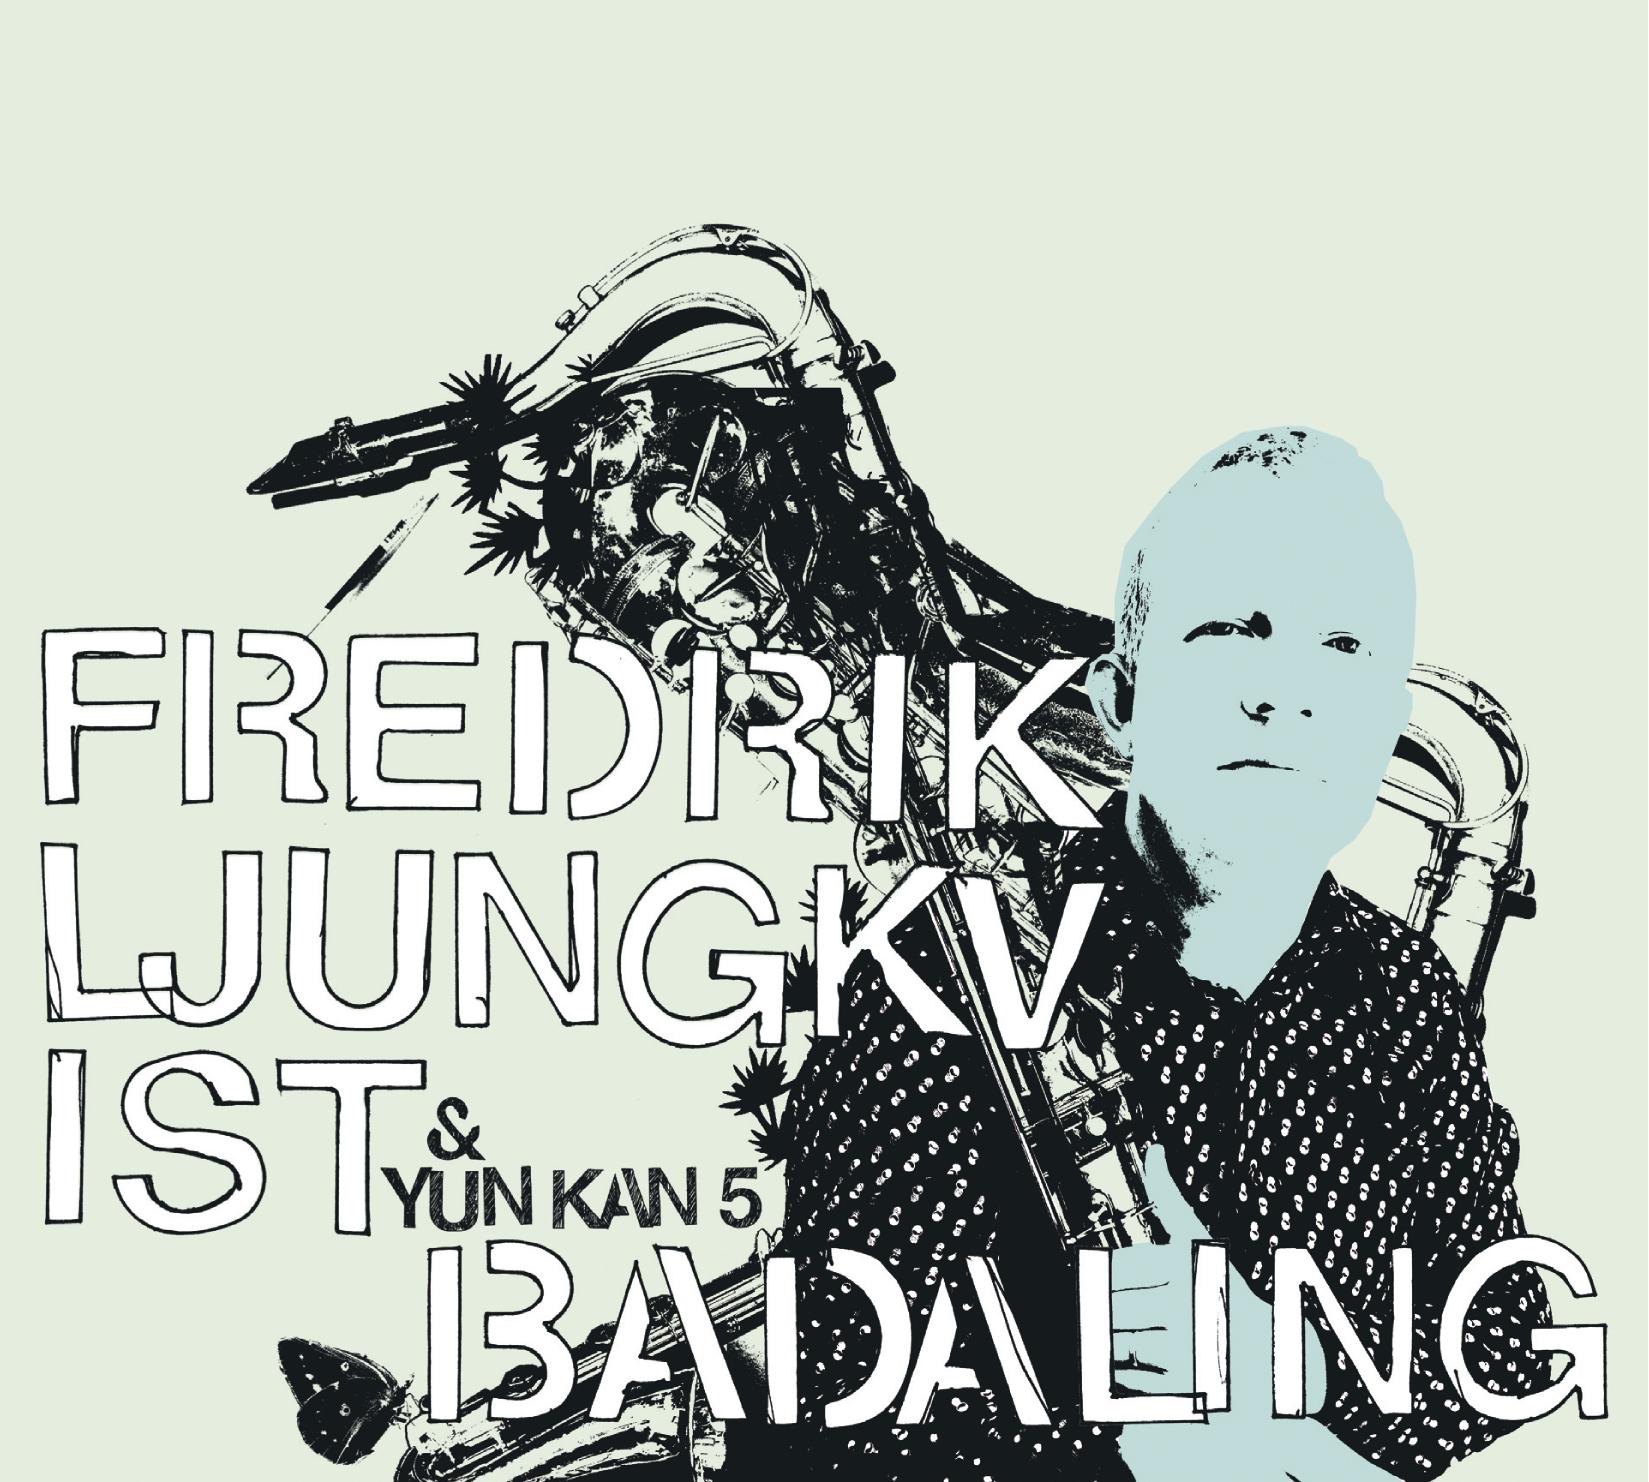 Fredrik Ljungkvist & Yun Kan 5: Badaling